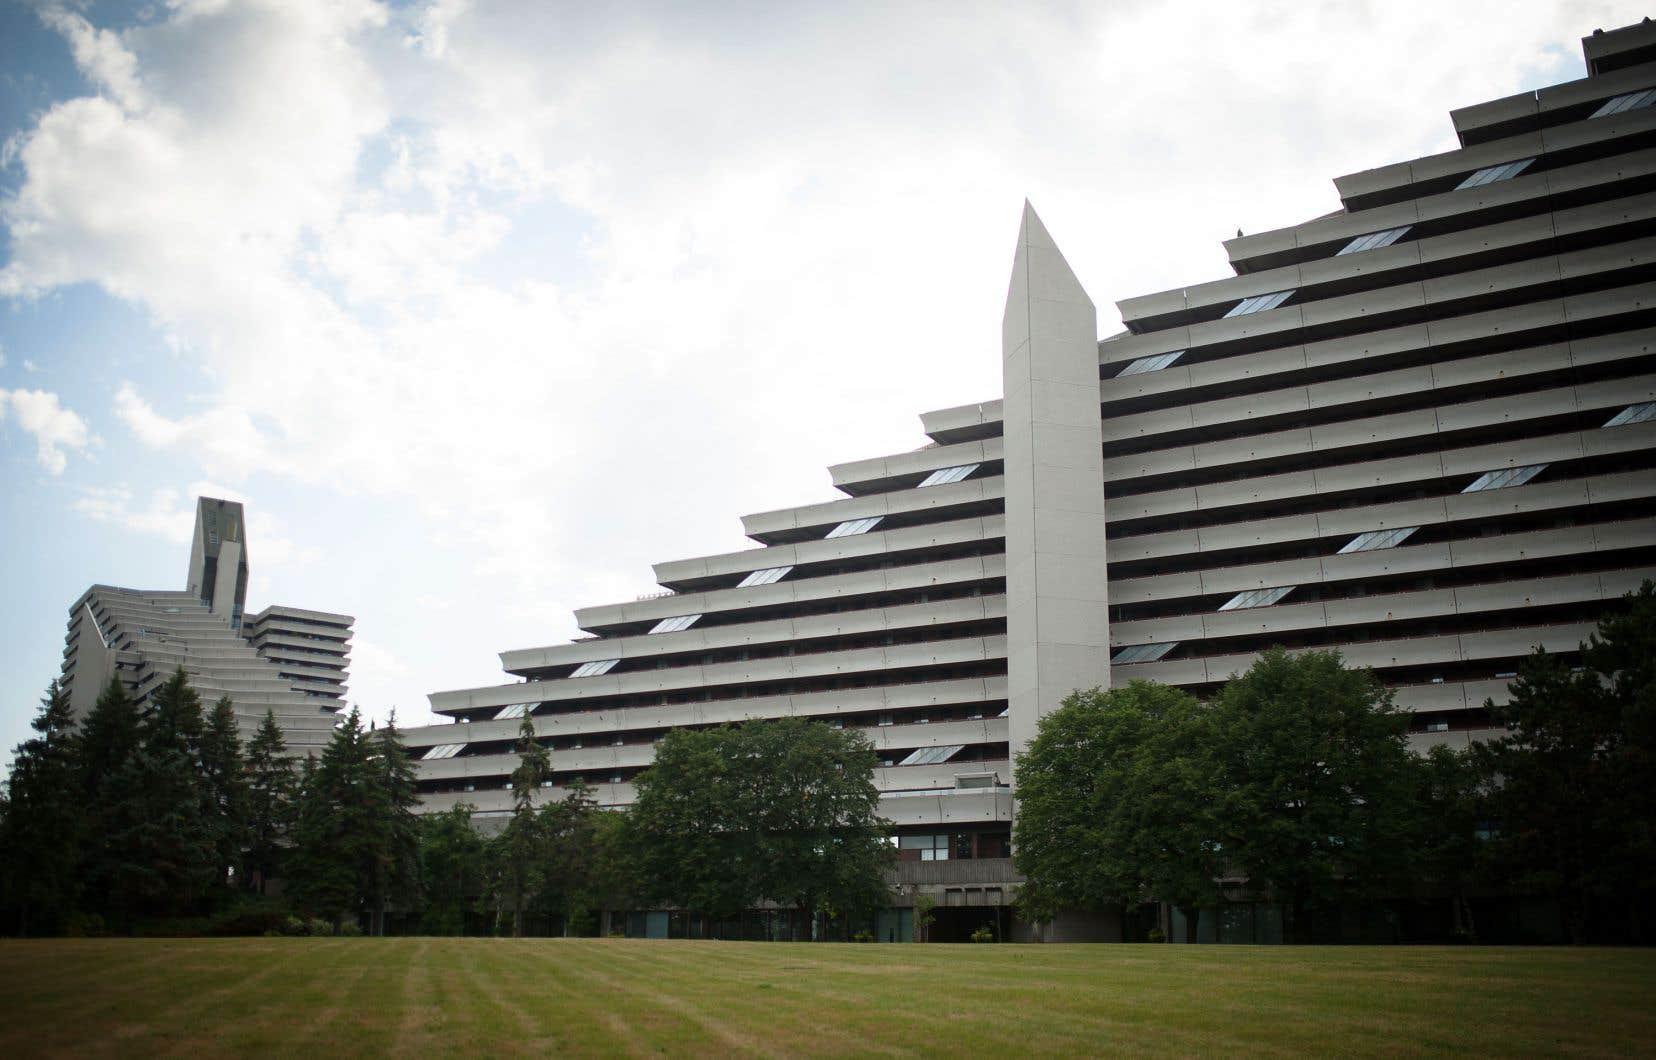 Les deux pyramides de ce qui constituait le Village olympique, en 1976, ont été dessinées par les architectes Roger D'Astous et Luc Durand.